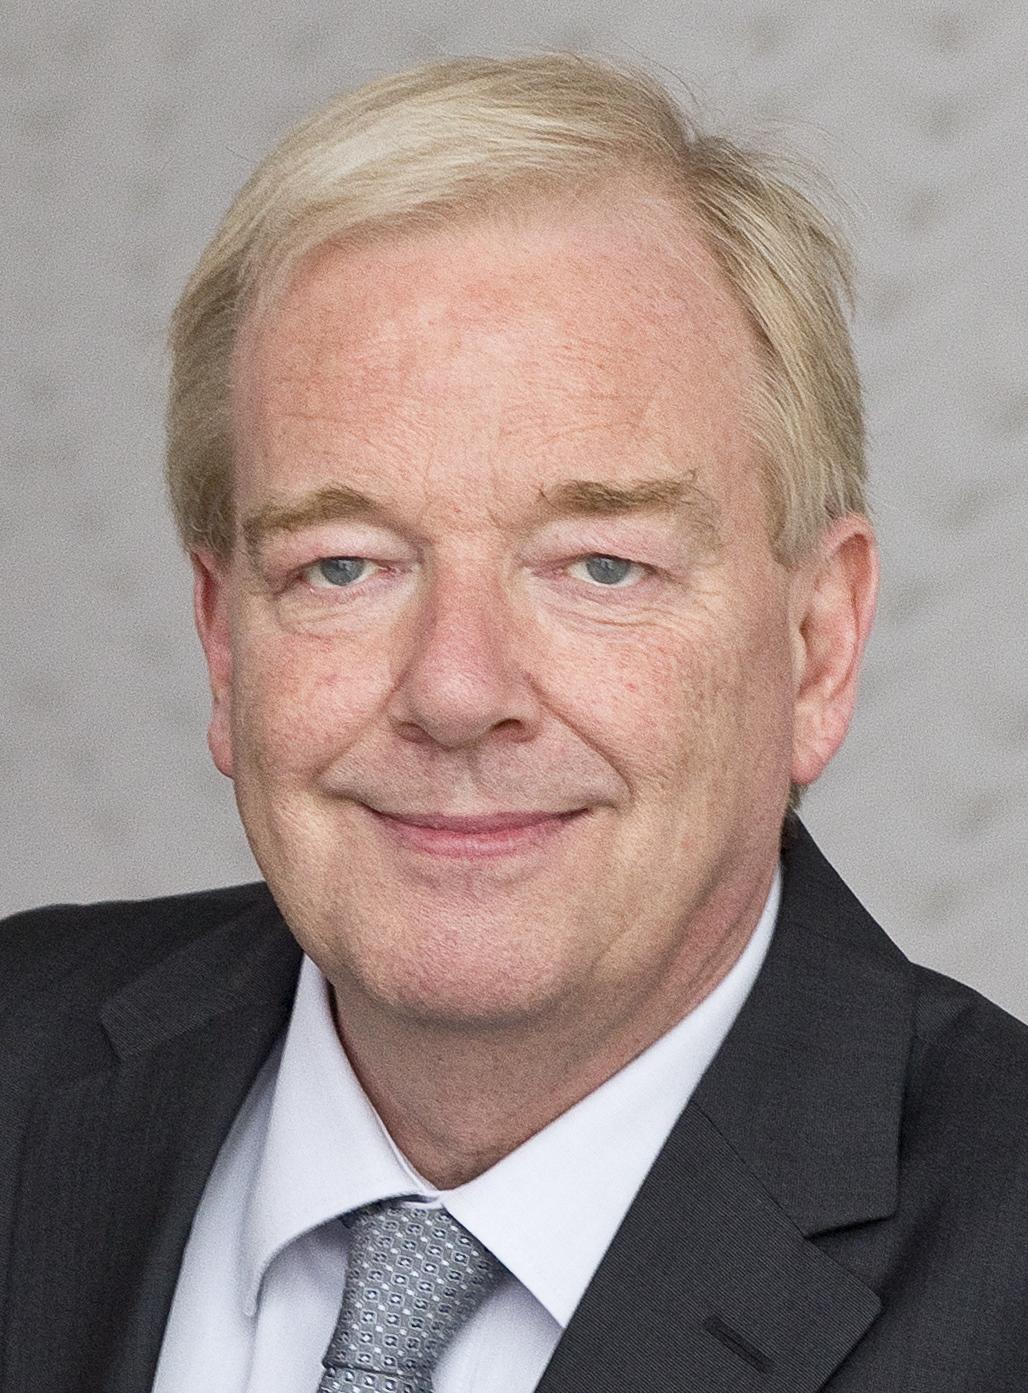 Christoph Seidel